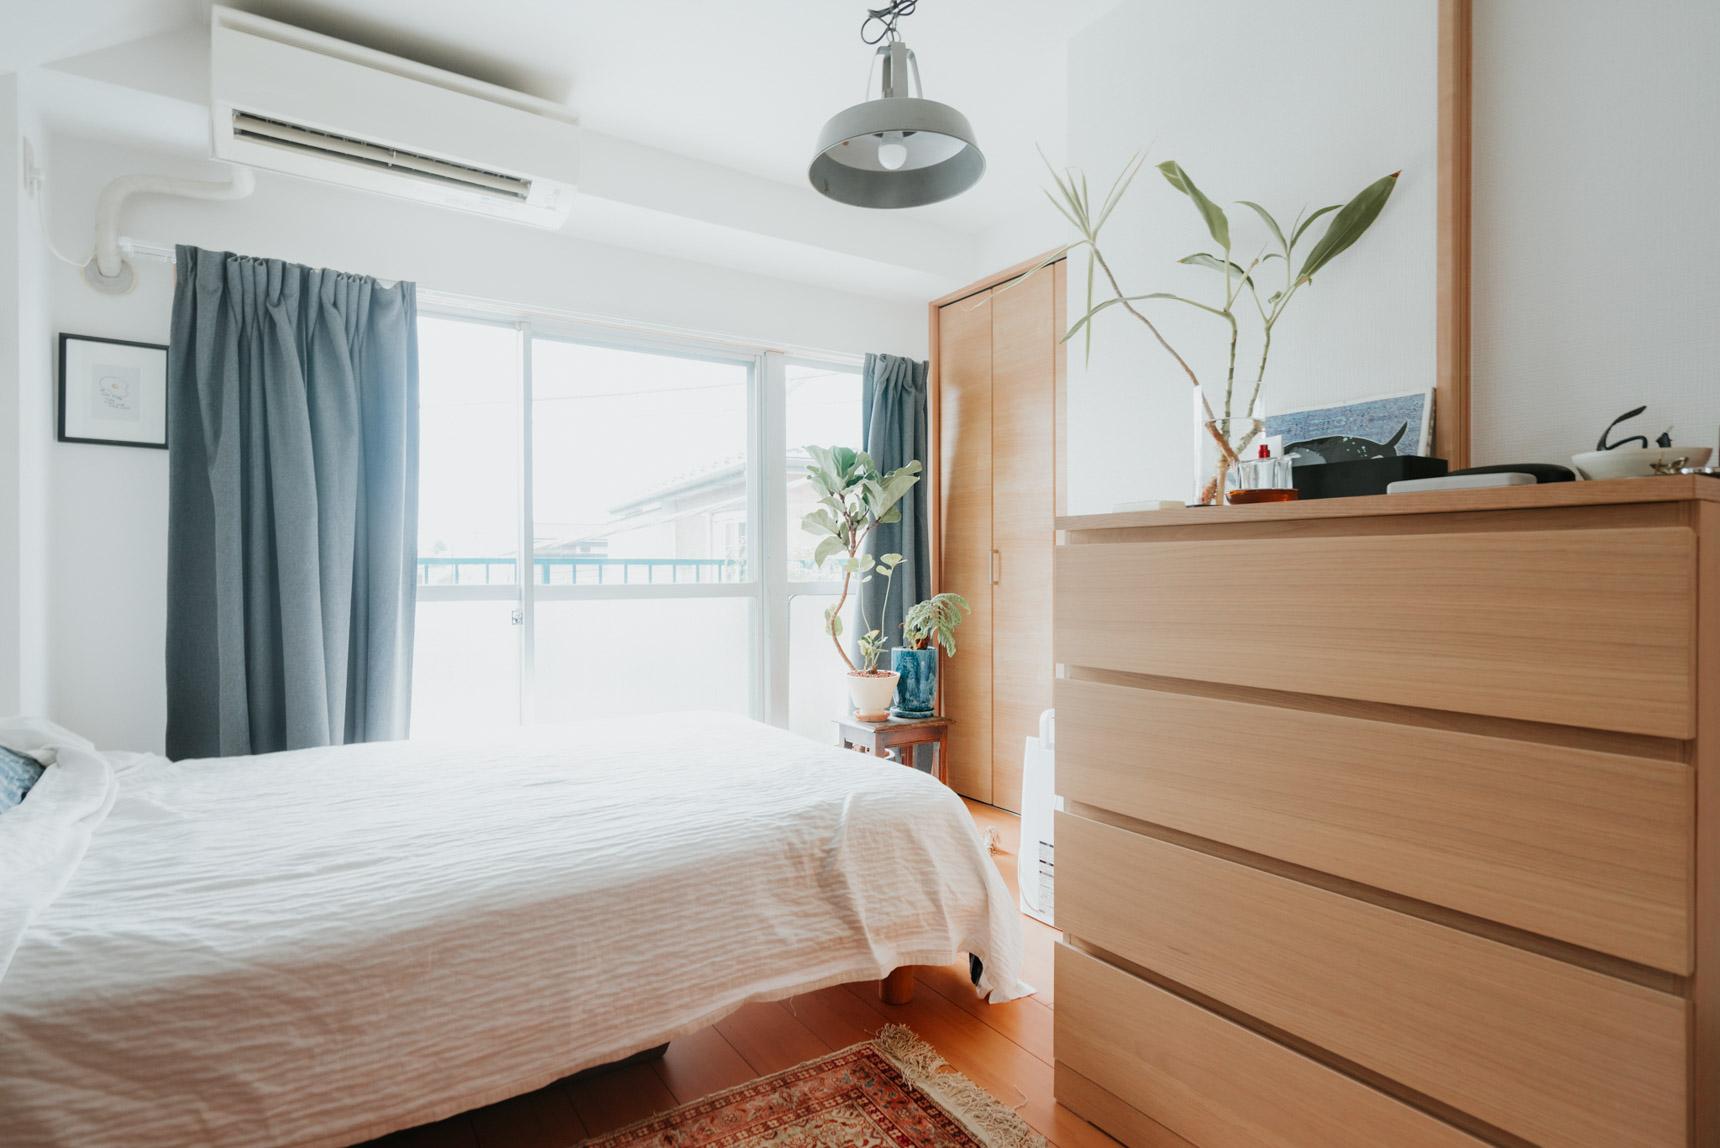 ベッド側には、譲ってもらったというチェストを置いて収納力をカバー。偶然ですが、木目の色がお部屋の建具とも調和しているので大きなチェストでもうまく空間に溶け込んでいます。